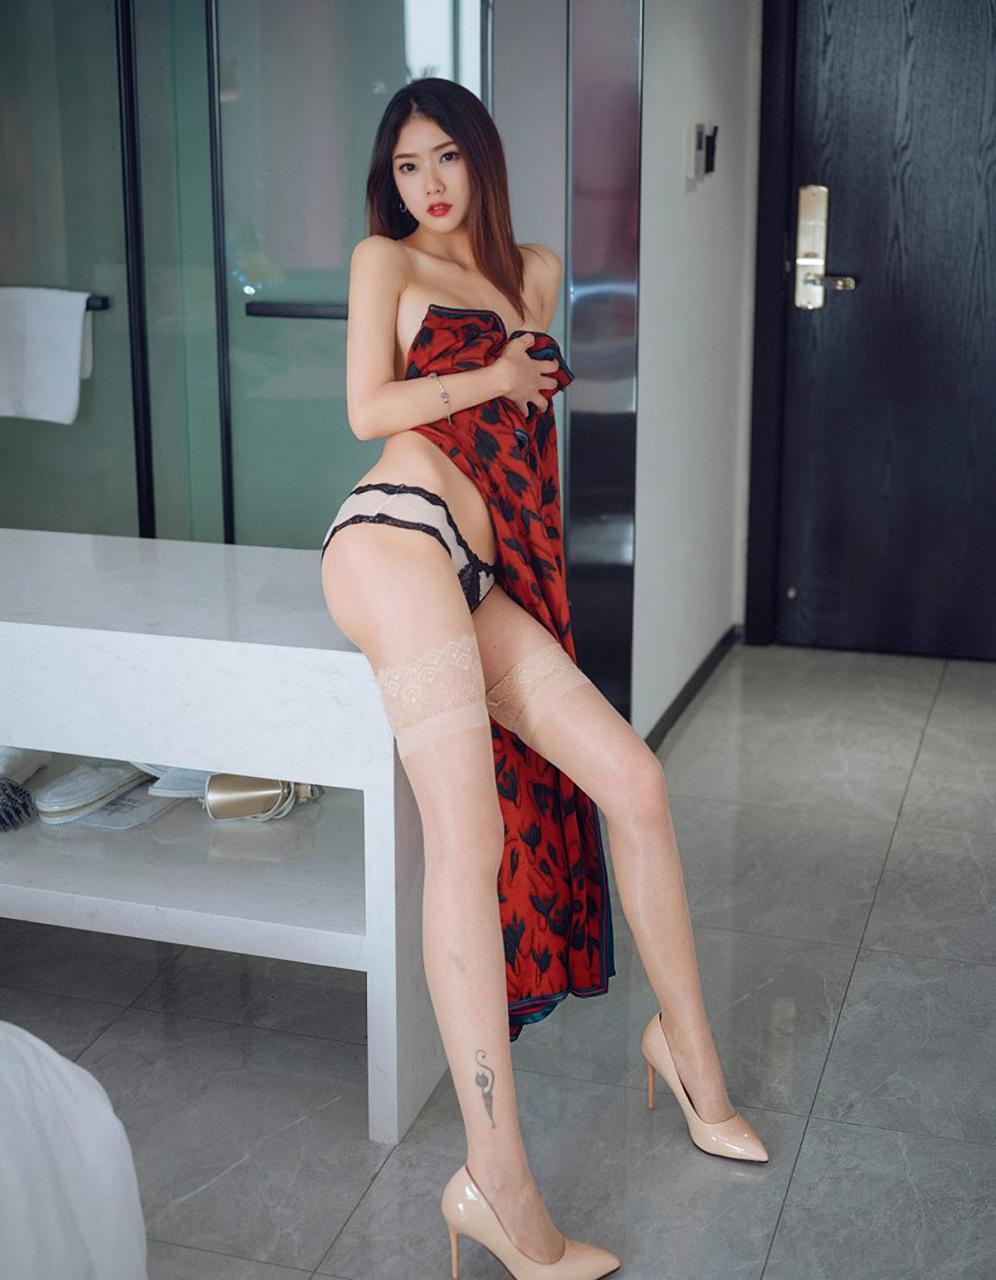 方子萱前凸后翘诱人旗袍性感肉丝袜完美裸胸美臀